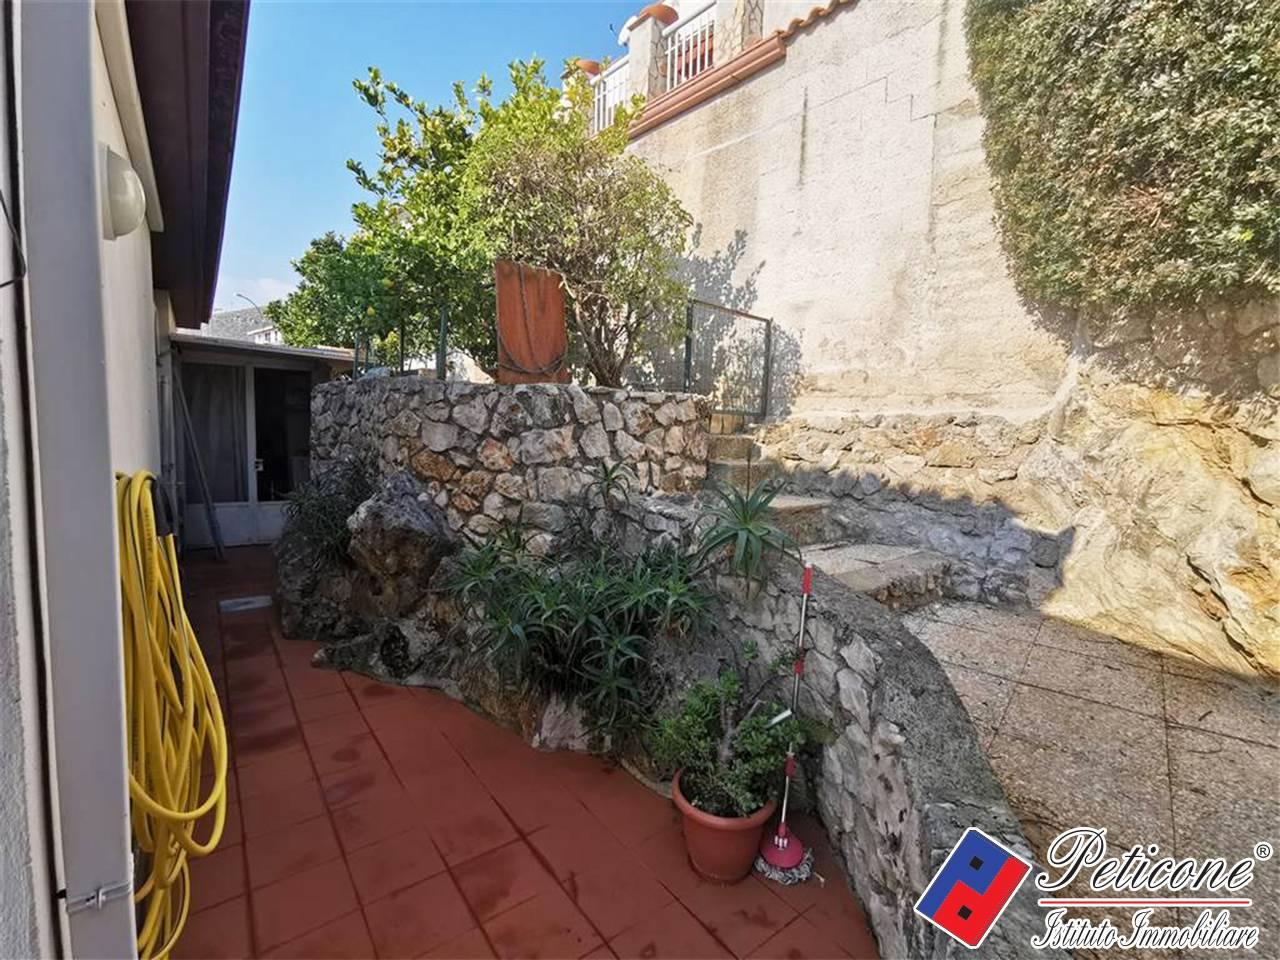 Villa in Vendita a Formia: 5 locali, 100 mq - Foto 13